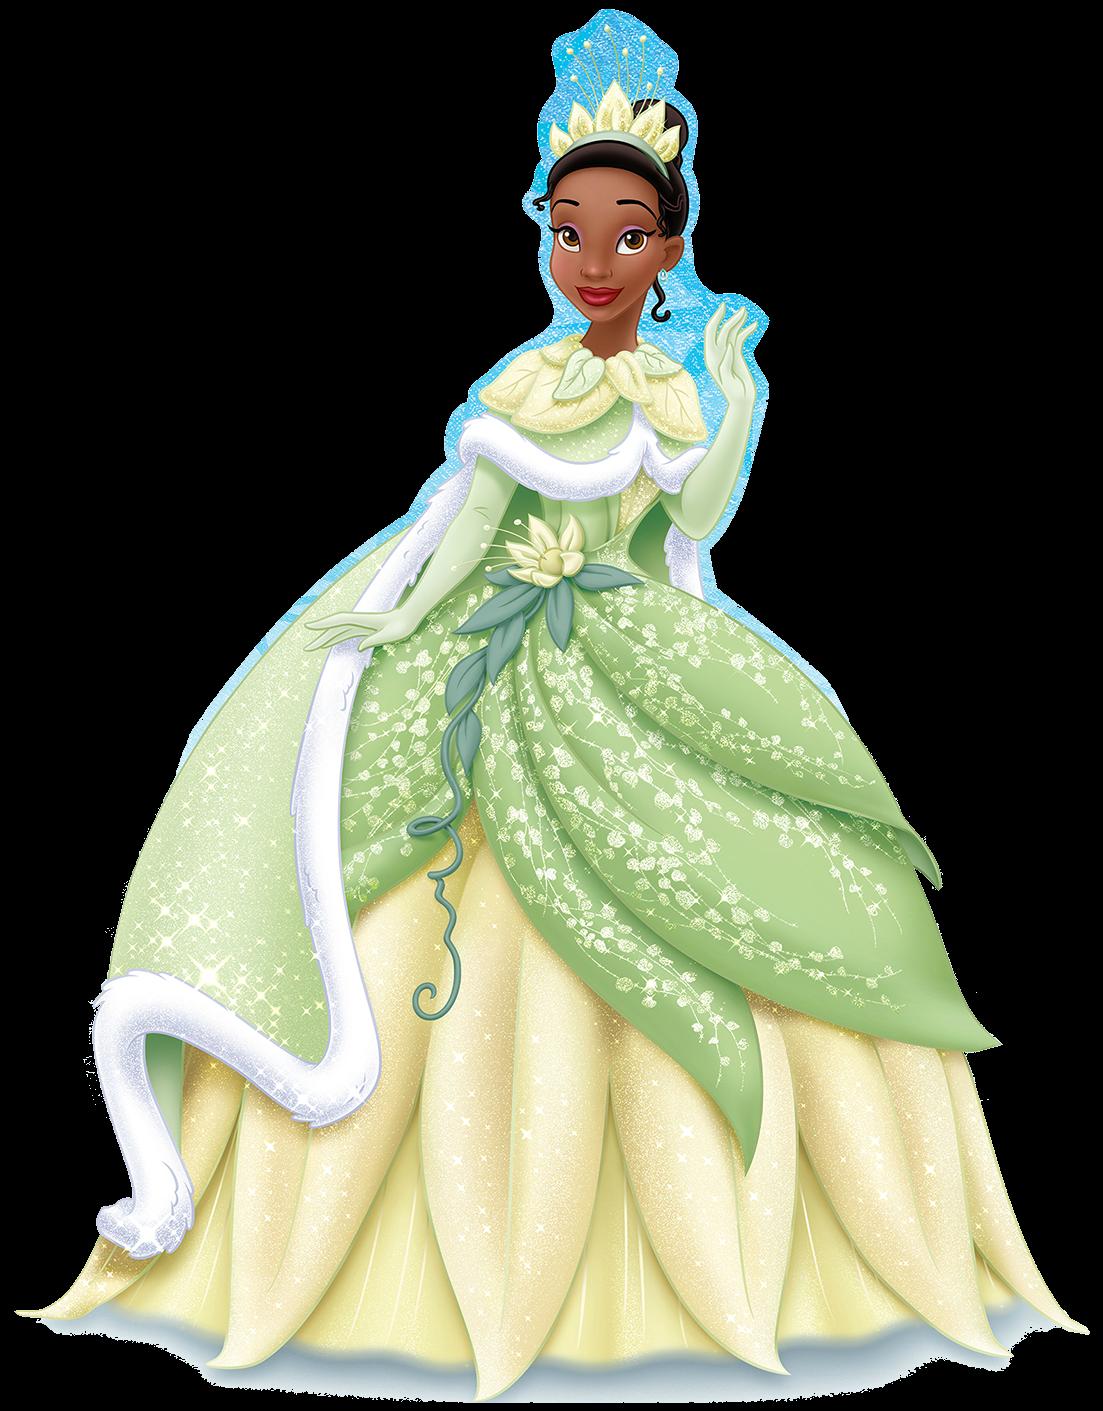 Tiana Gallery Disney Princess Tiana Tiana Disney Princess Tiana